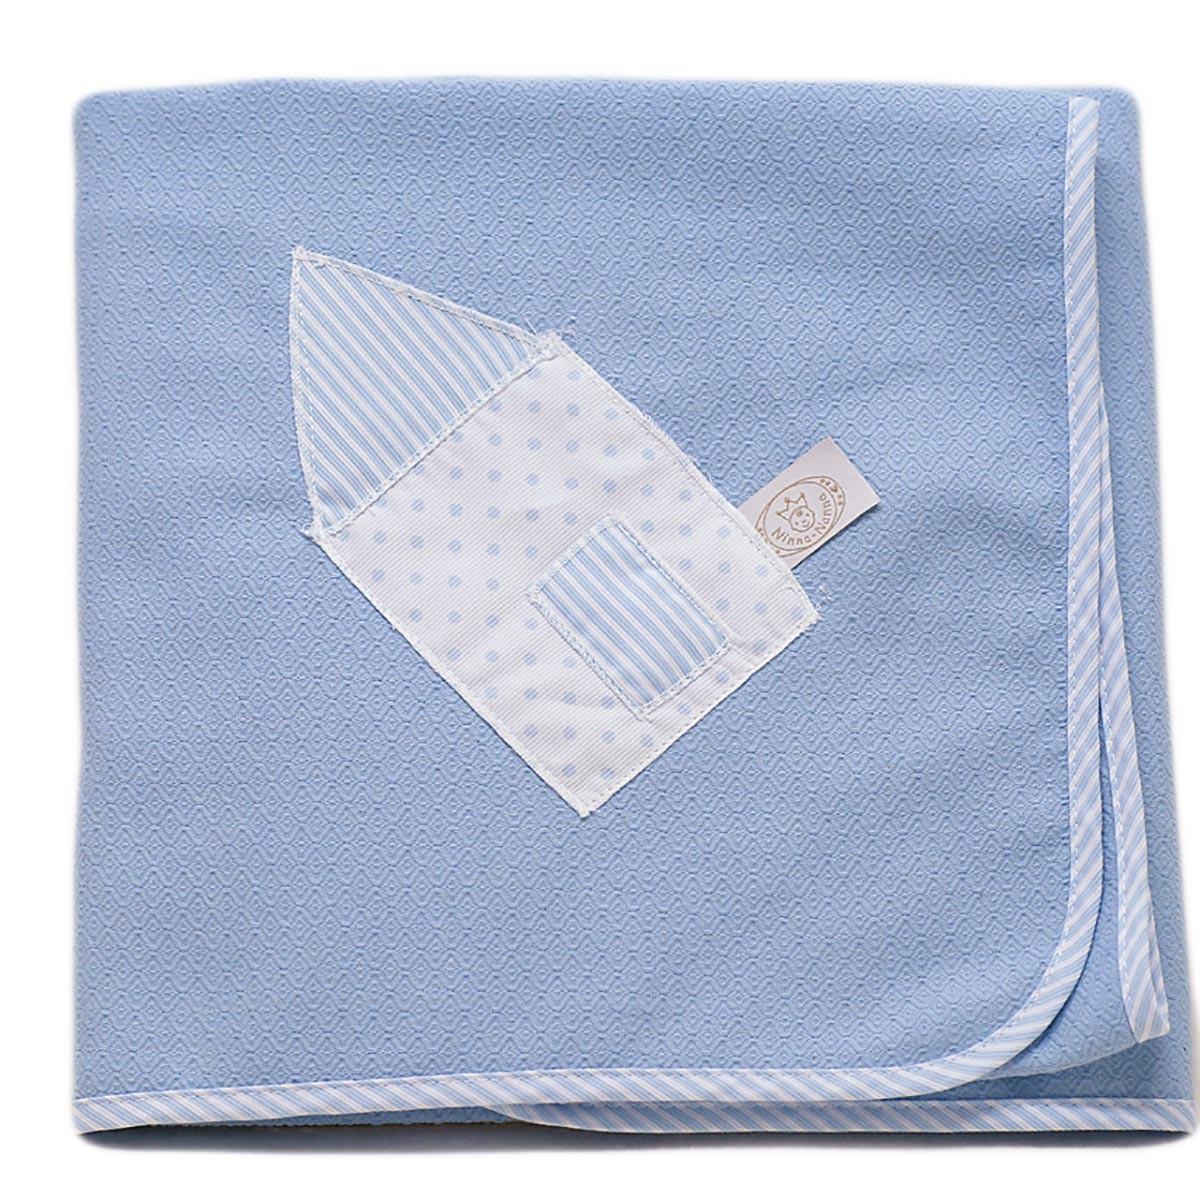 Κουβέρτα Πικέ Αγκαλιάς Ninna Nanna Σιέλ Πουά home   βρεφικά   κουβέρτες βρεφικές   κουβέρτες καλοκαιρινές